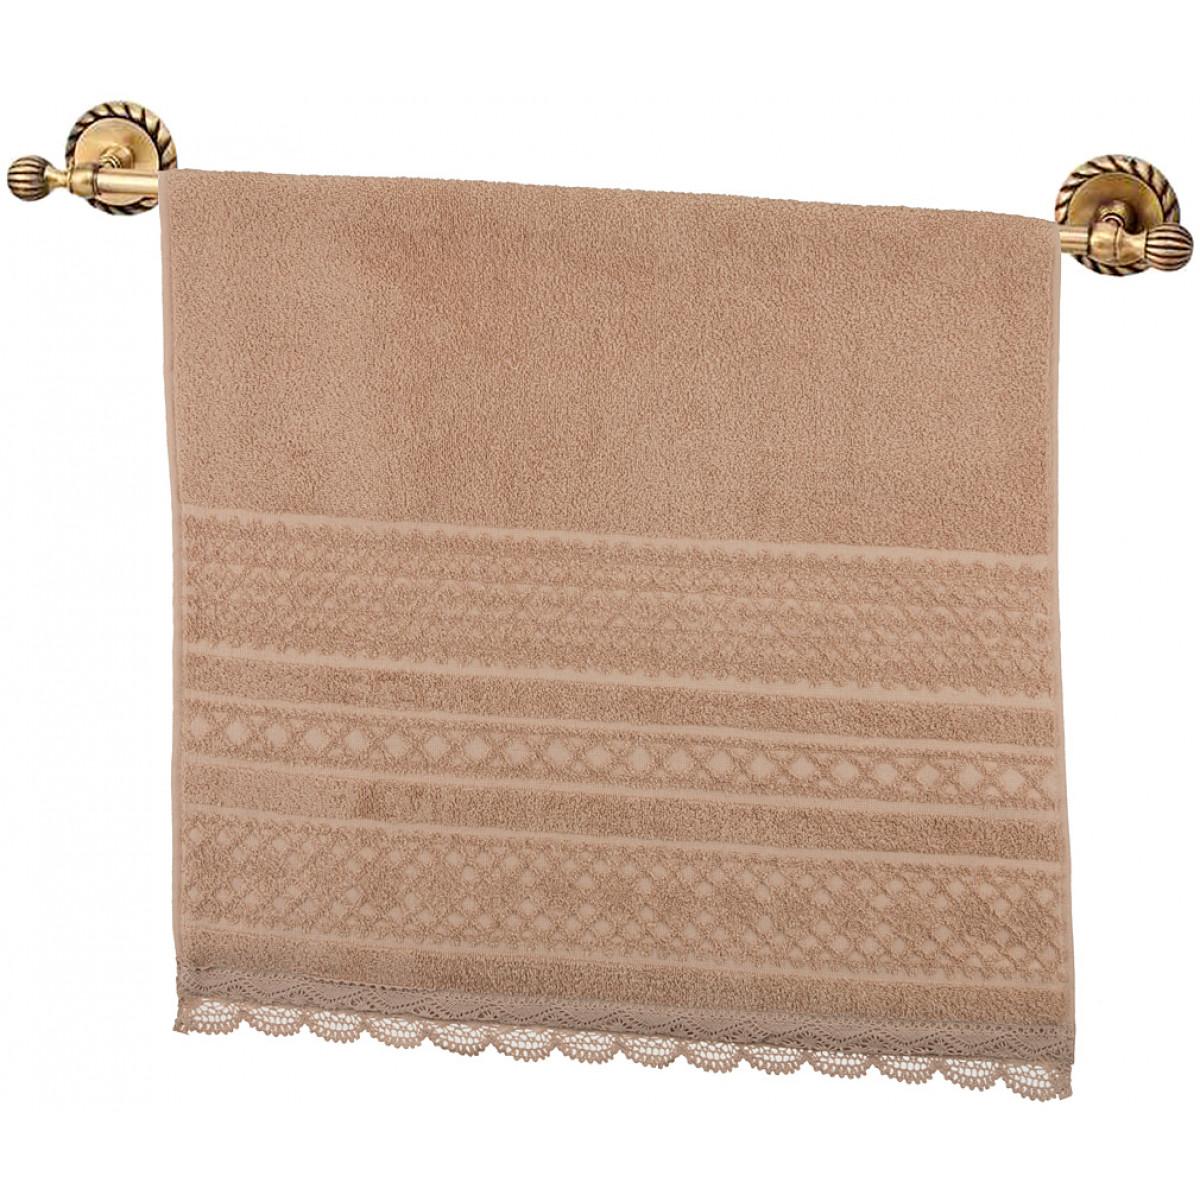 Полотенца Santalino Полотенце Claramae  (50х90 см) полотенце денастия полотенце денастия 50х90 см хлопок